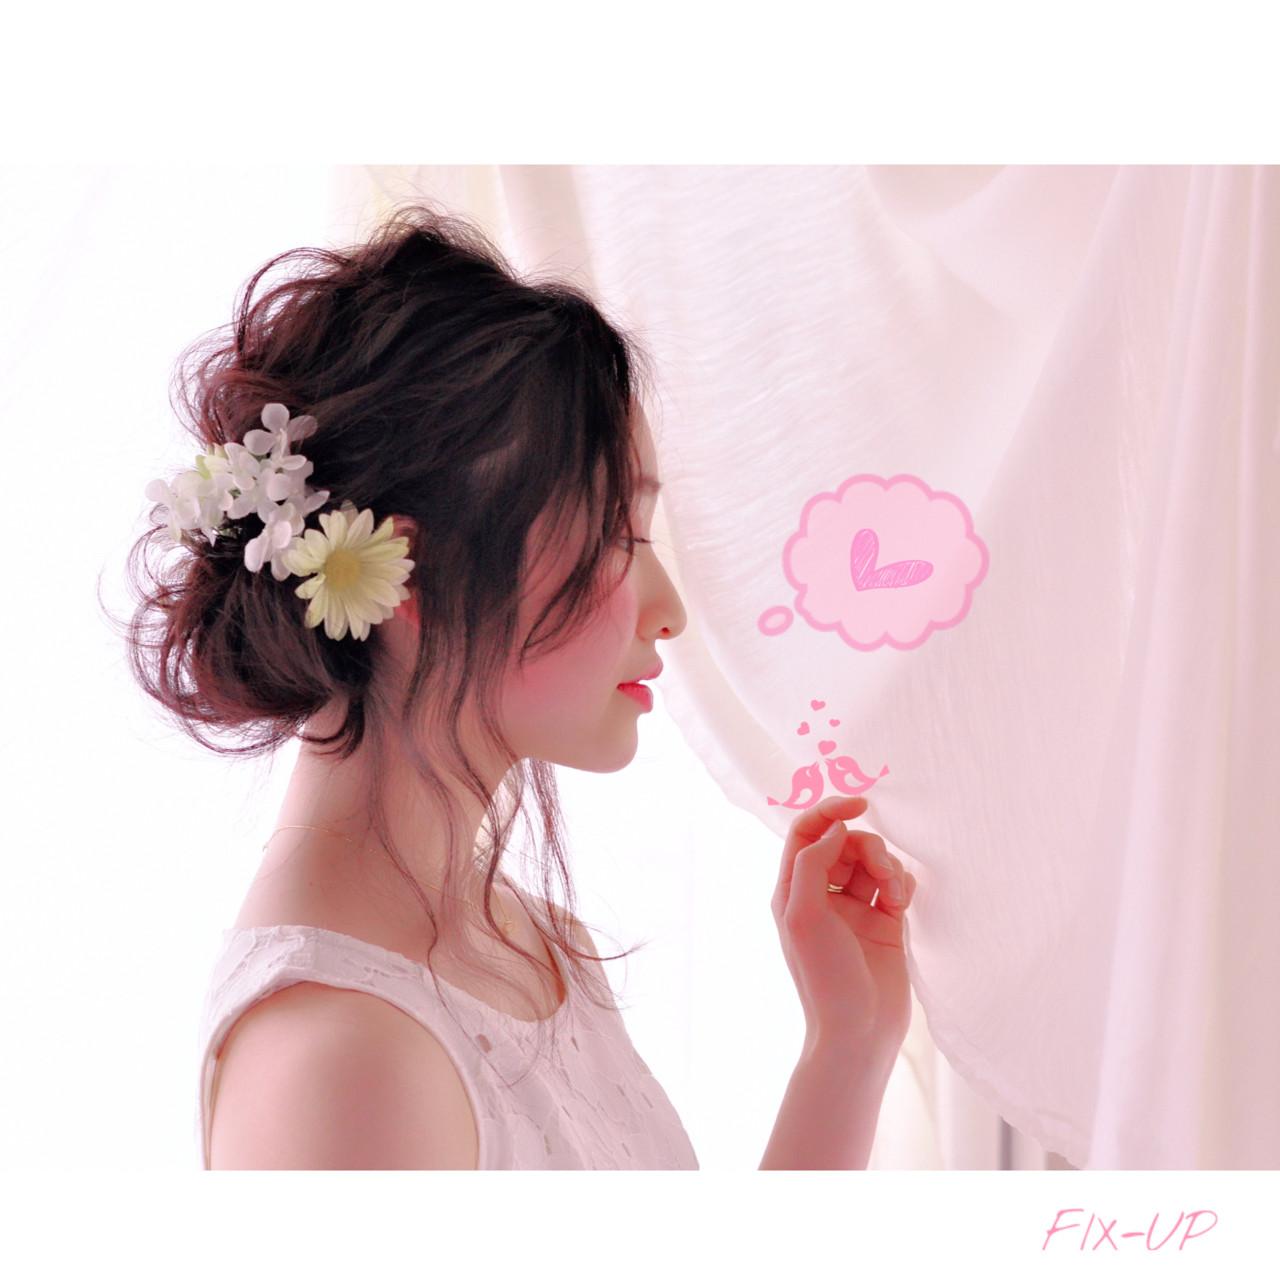 最高に華やかな花嫁さんになるために*お花で飾る結婚式ヘアアレンジ♡ 奥村 祐亮